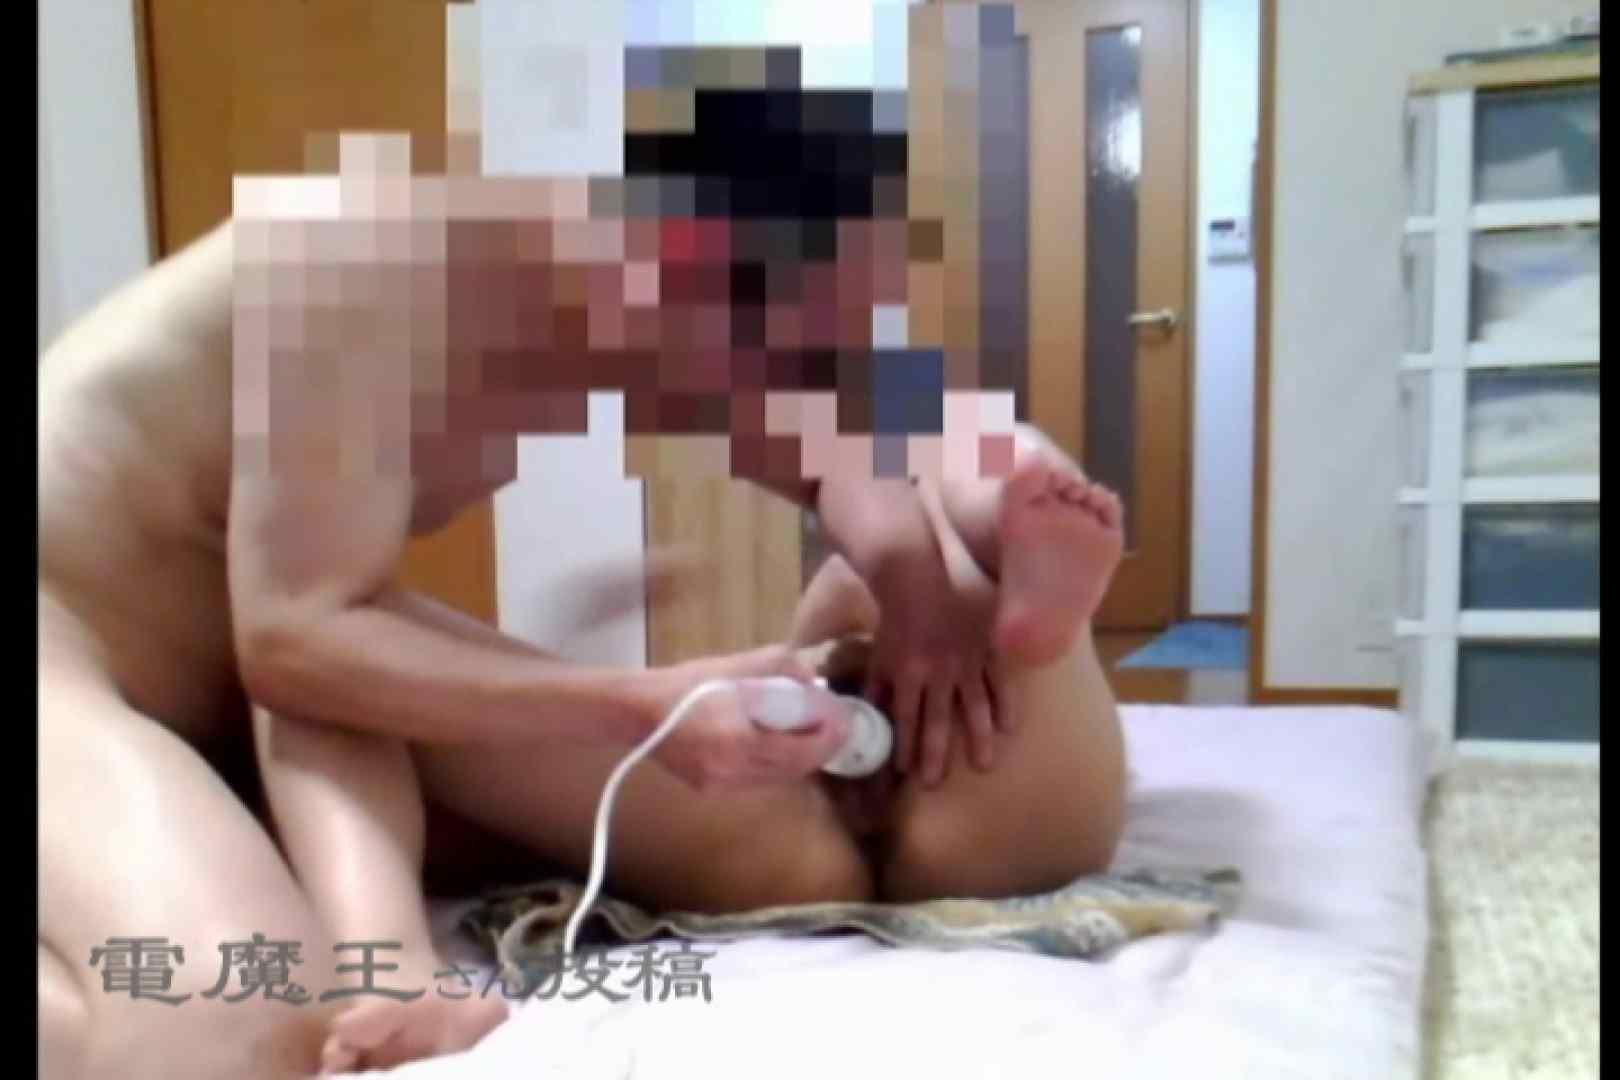 電魔王さんの「隠撮の部屋」リンカ 電マ | 隠撮  72pic 56